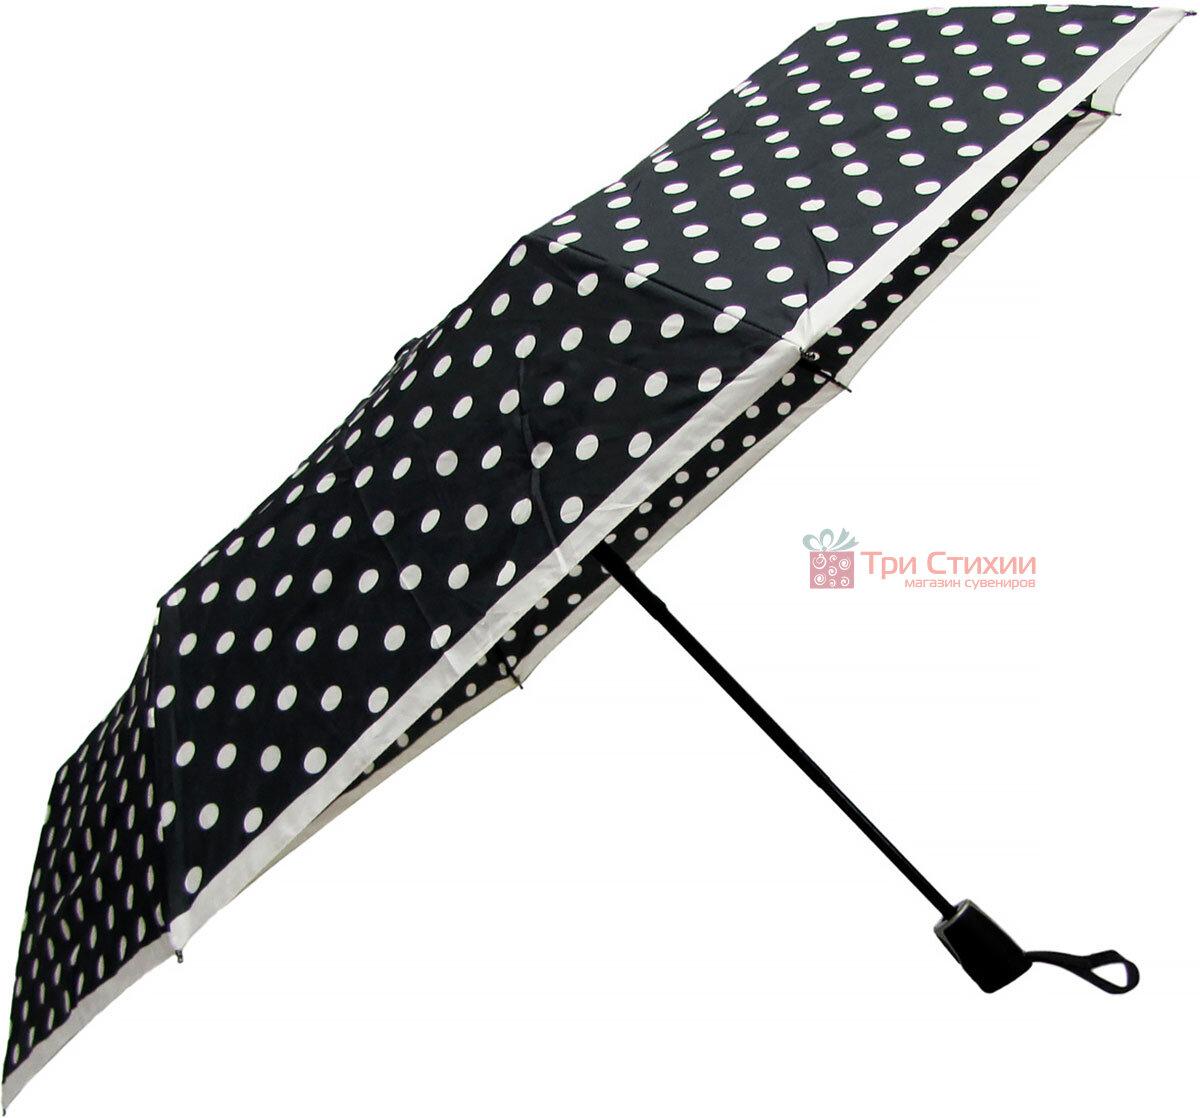 Зонт складной Doppler 7441465BW06 полный автомат Черно-белый, фото 3